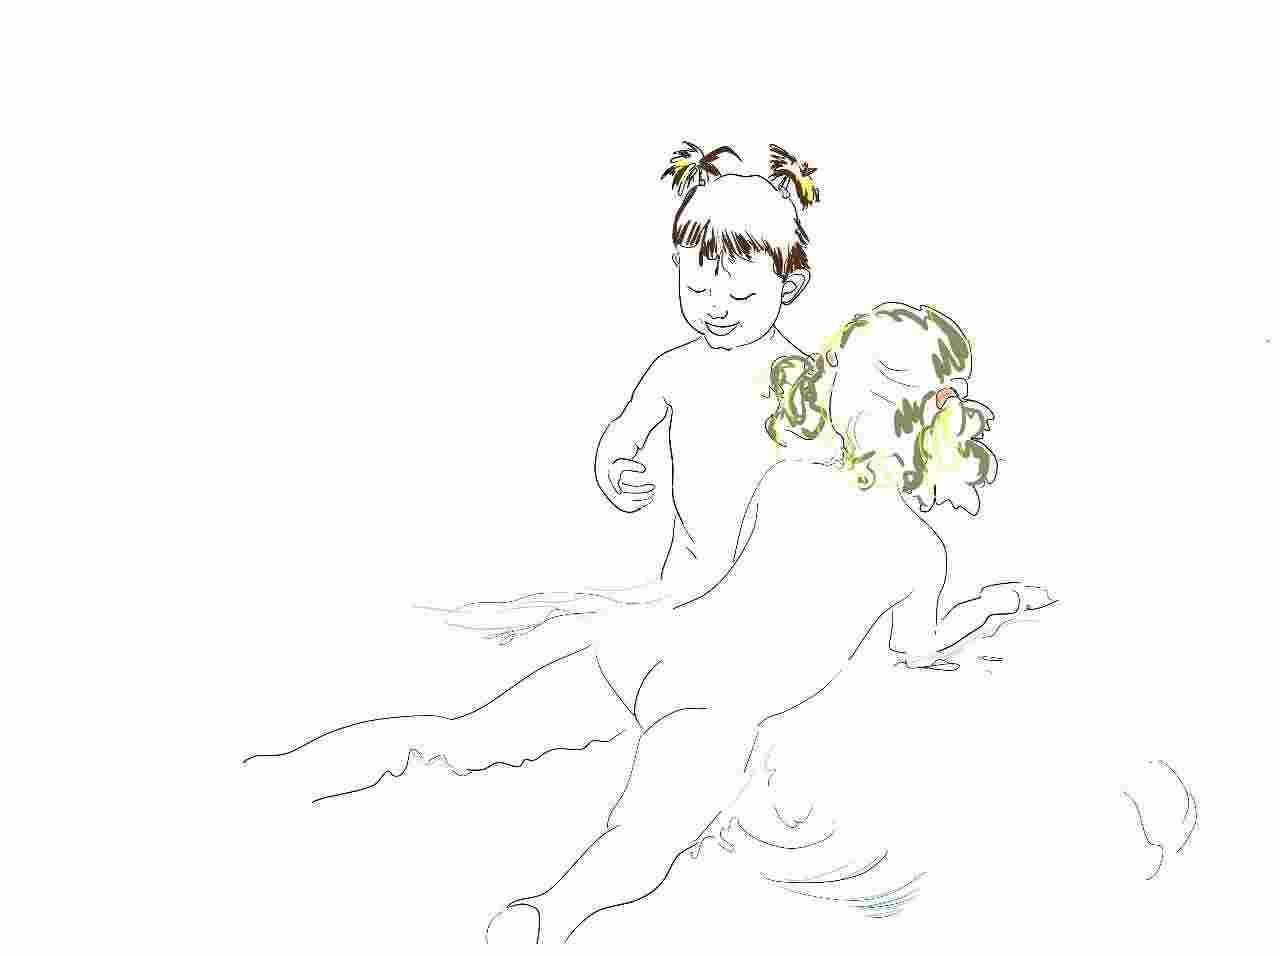 El baño. Ilustración infantil